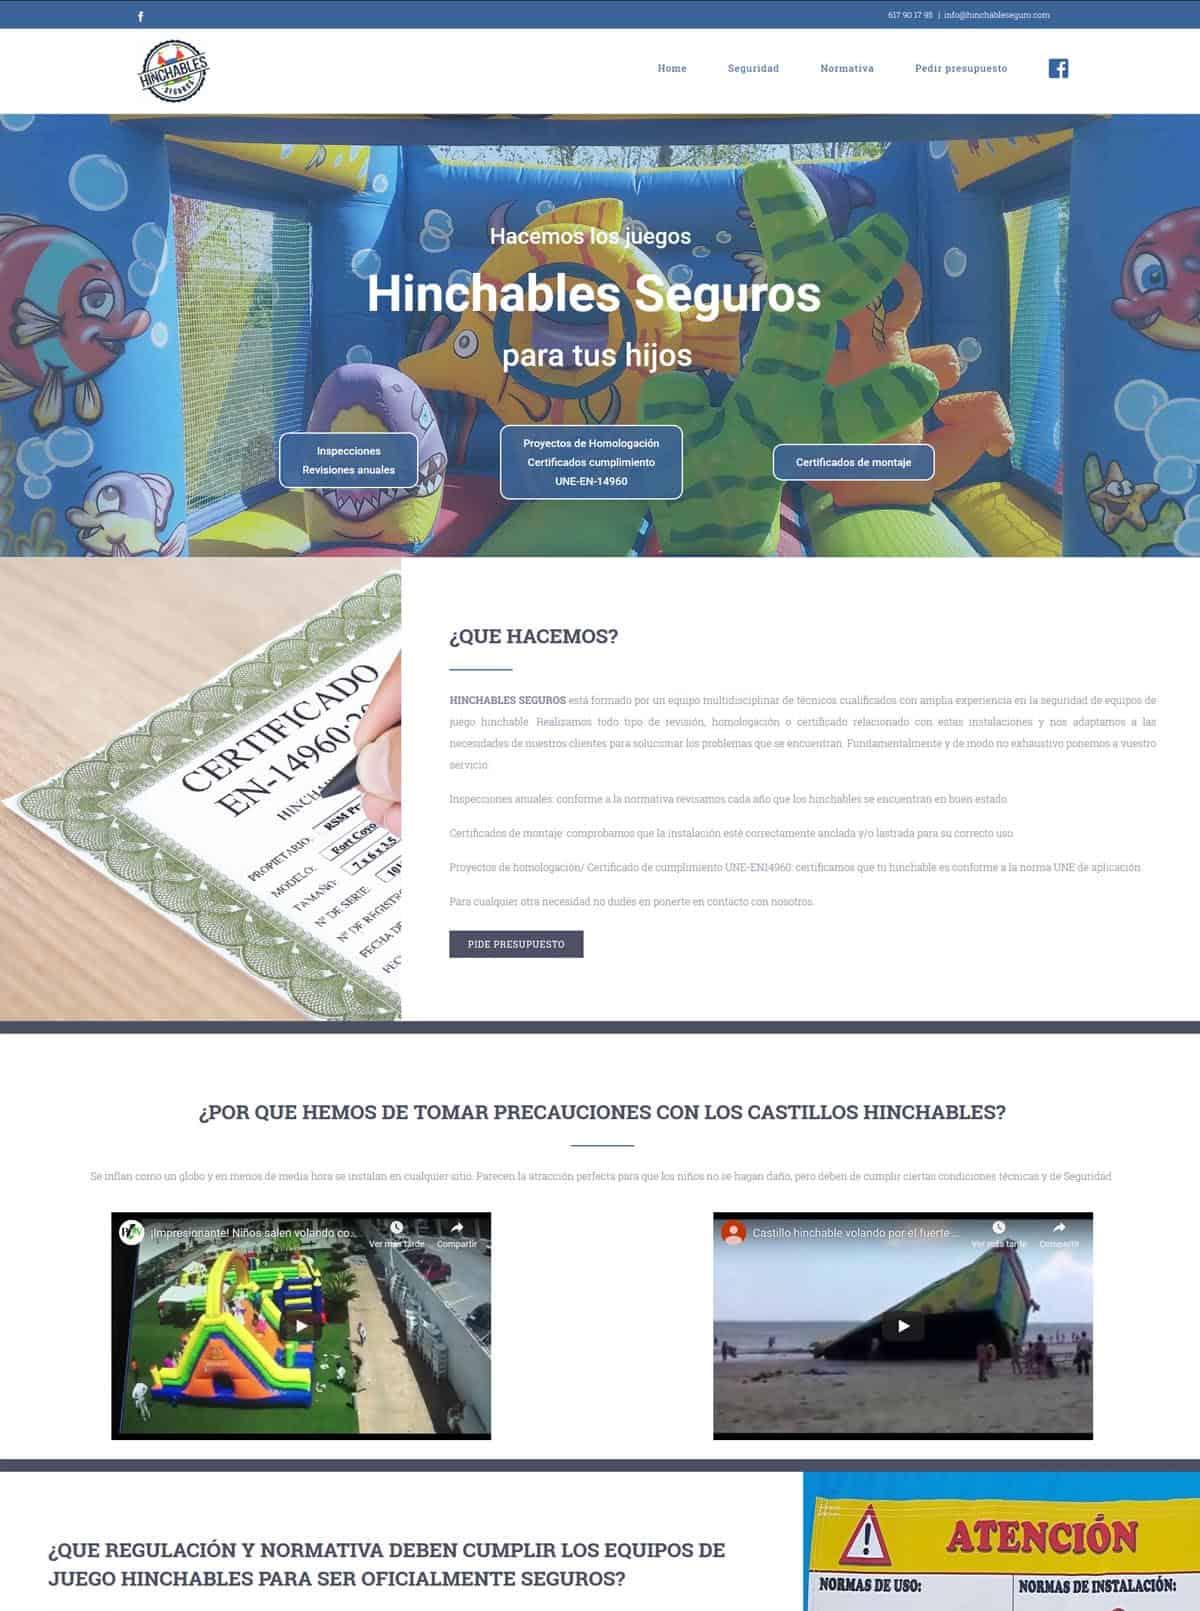 Hinchables Seguros: Inspecciones-Revisiones-Certificación